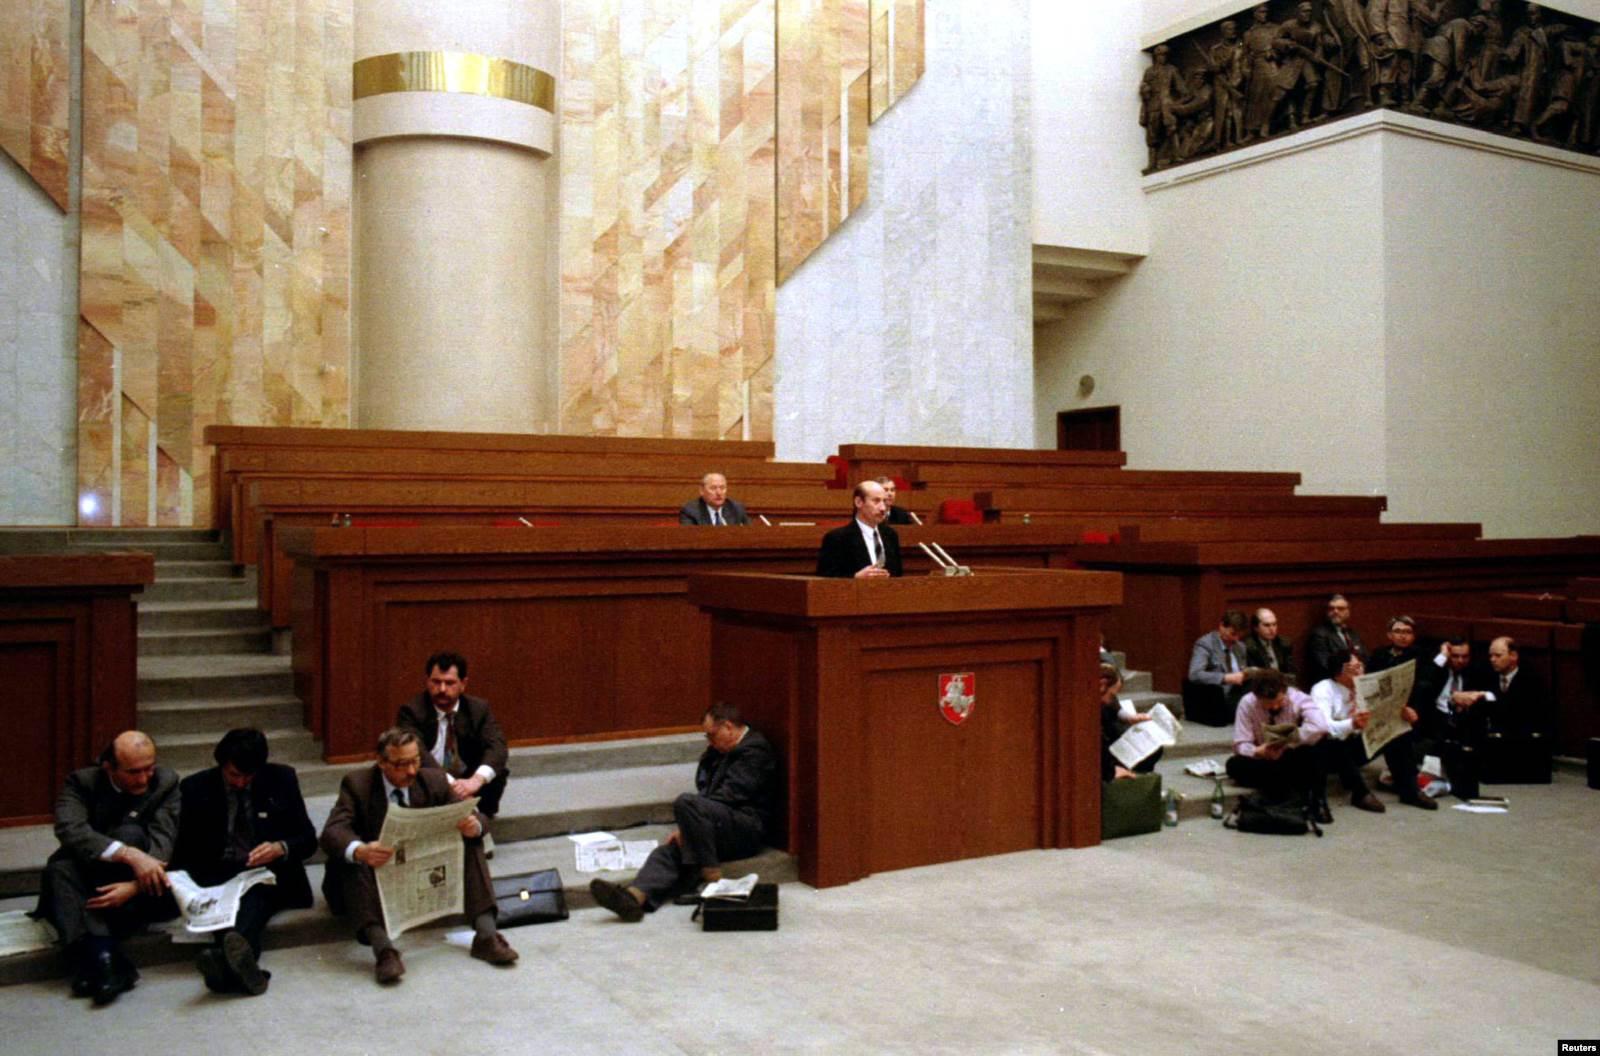 Группа белорусских парламентариев сидит на полу в зале заседаний Верховного Совета в Минске 11 апреля 1995 года. Фото: Reuters